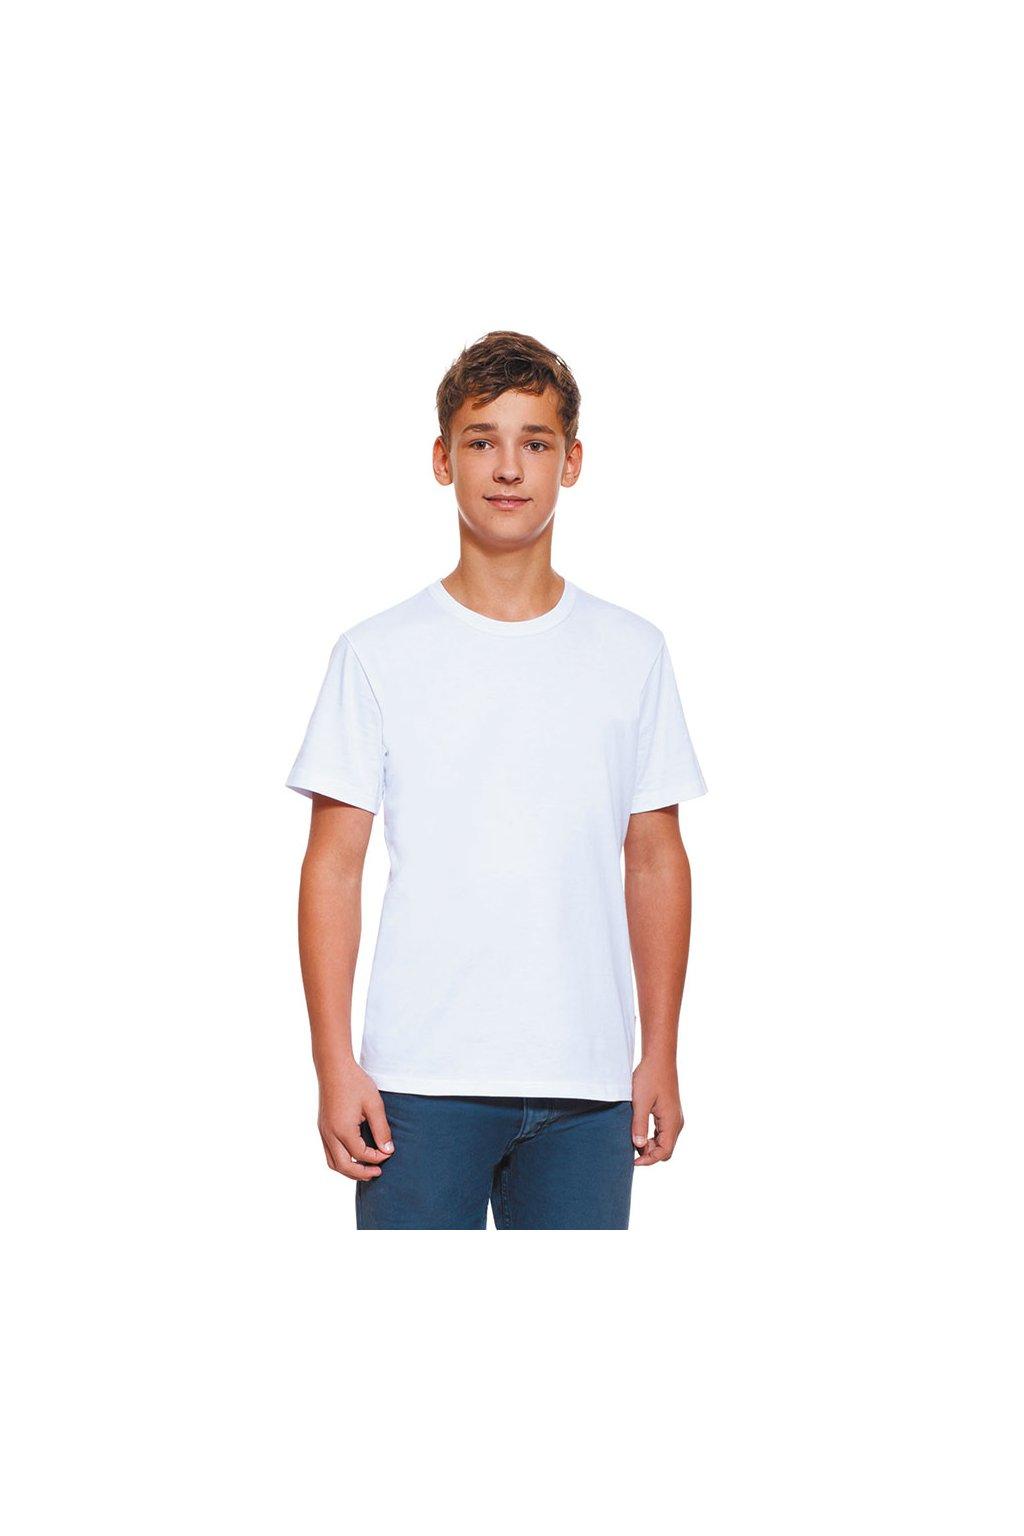 Chlapecké tričko, 60206 1, bílá